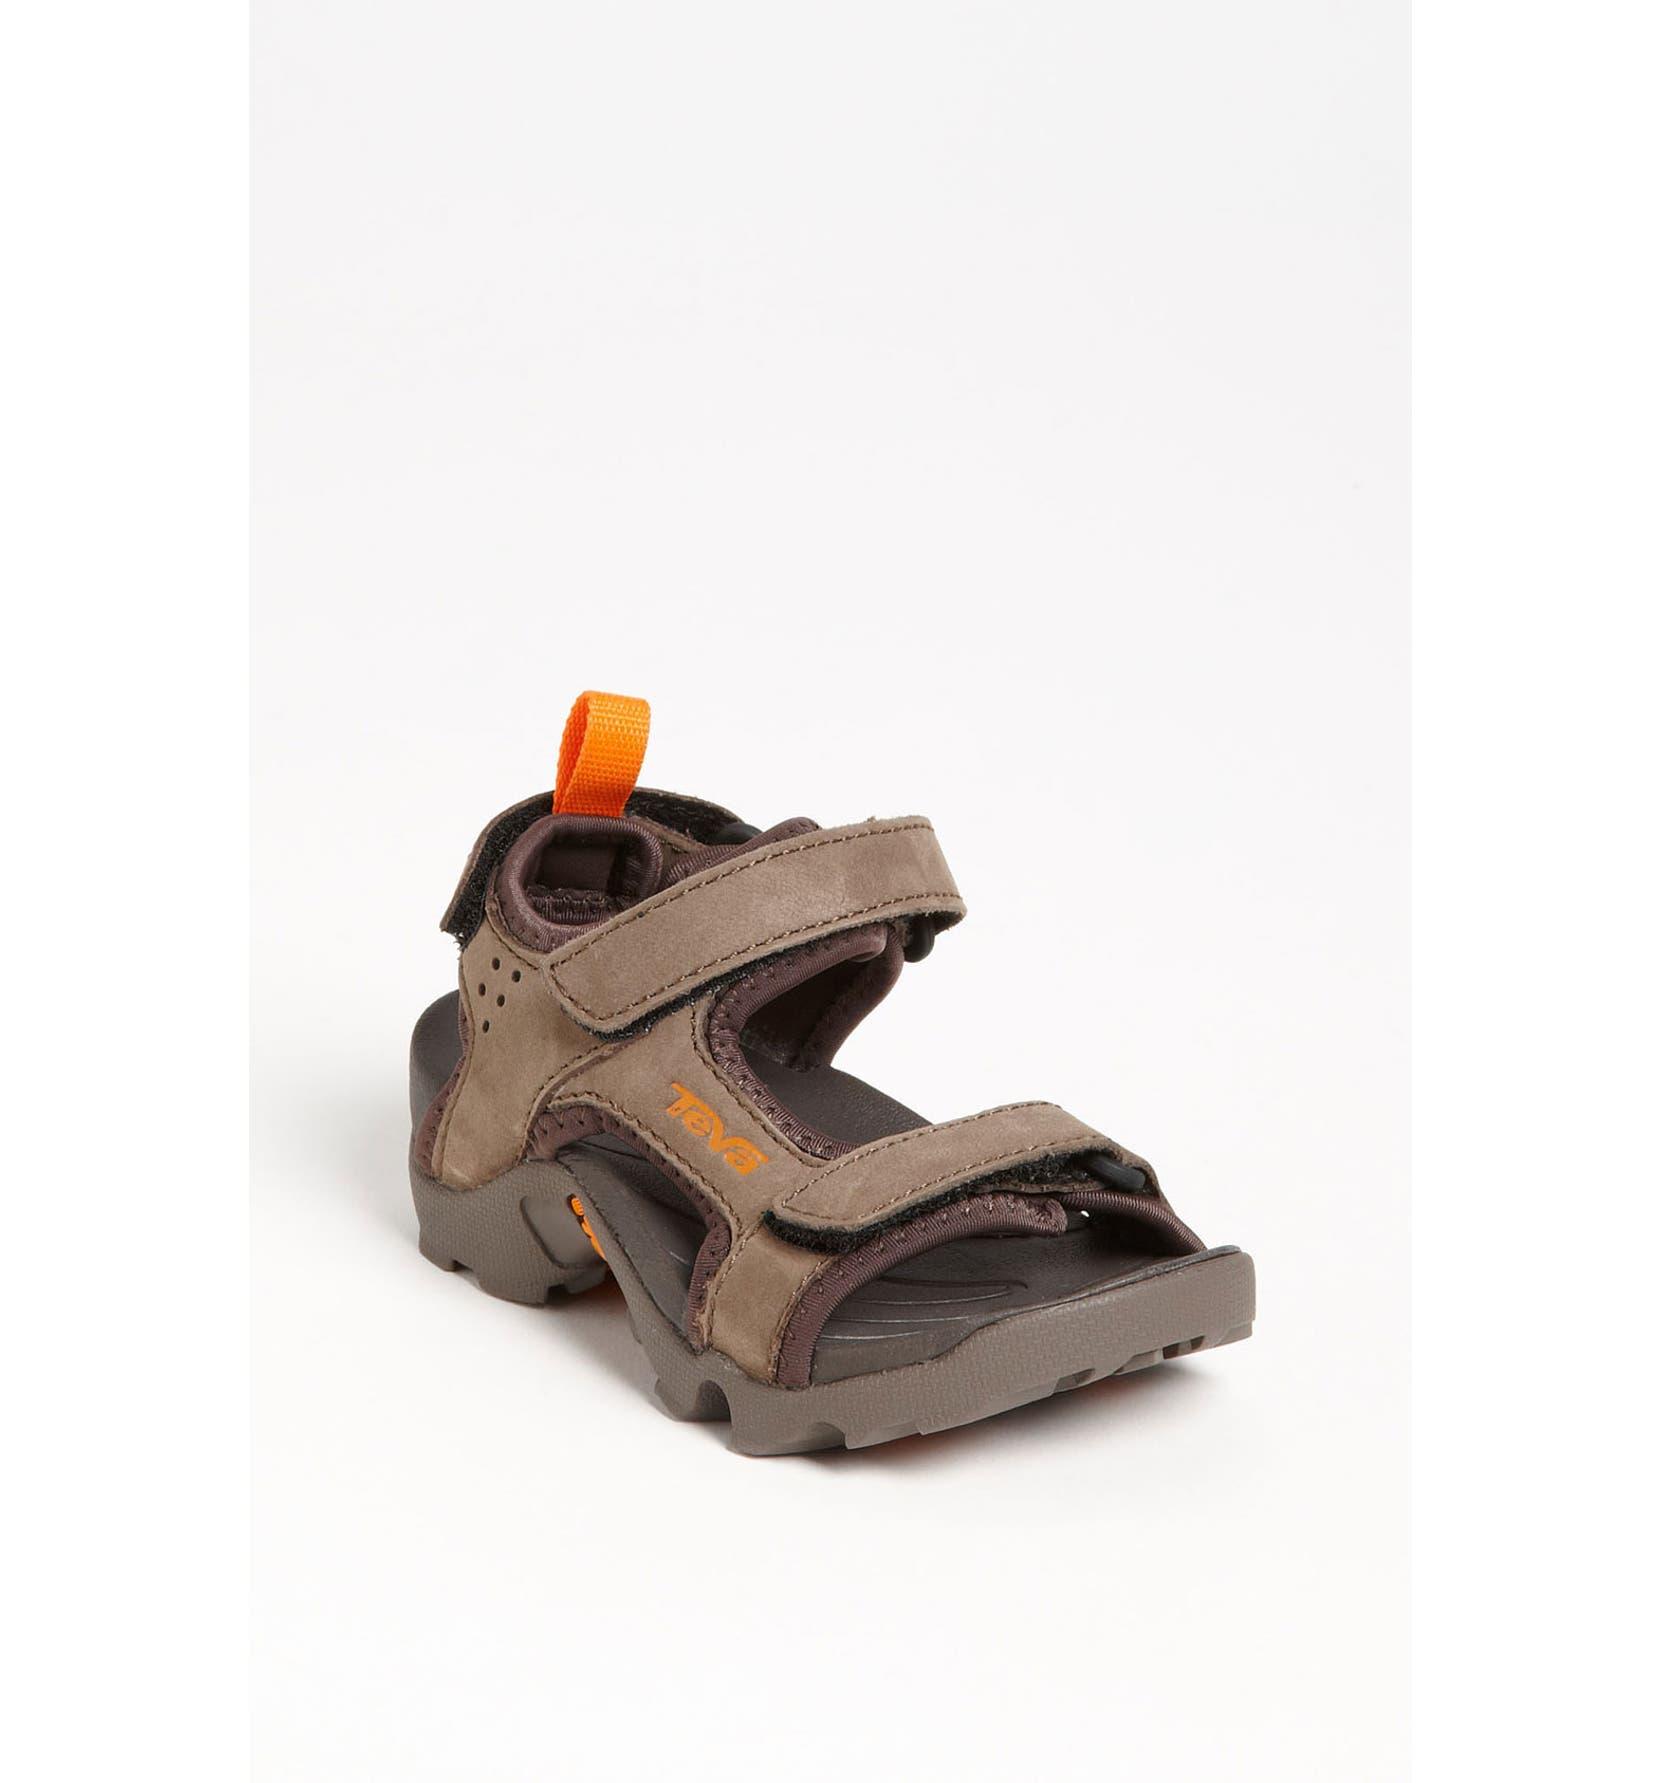 71ec8a0a4d30 Teva  Tanza  Waterproof Leather Sandal (Toddler   Little Kid ...